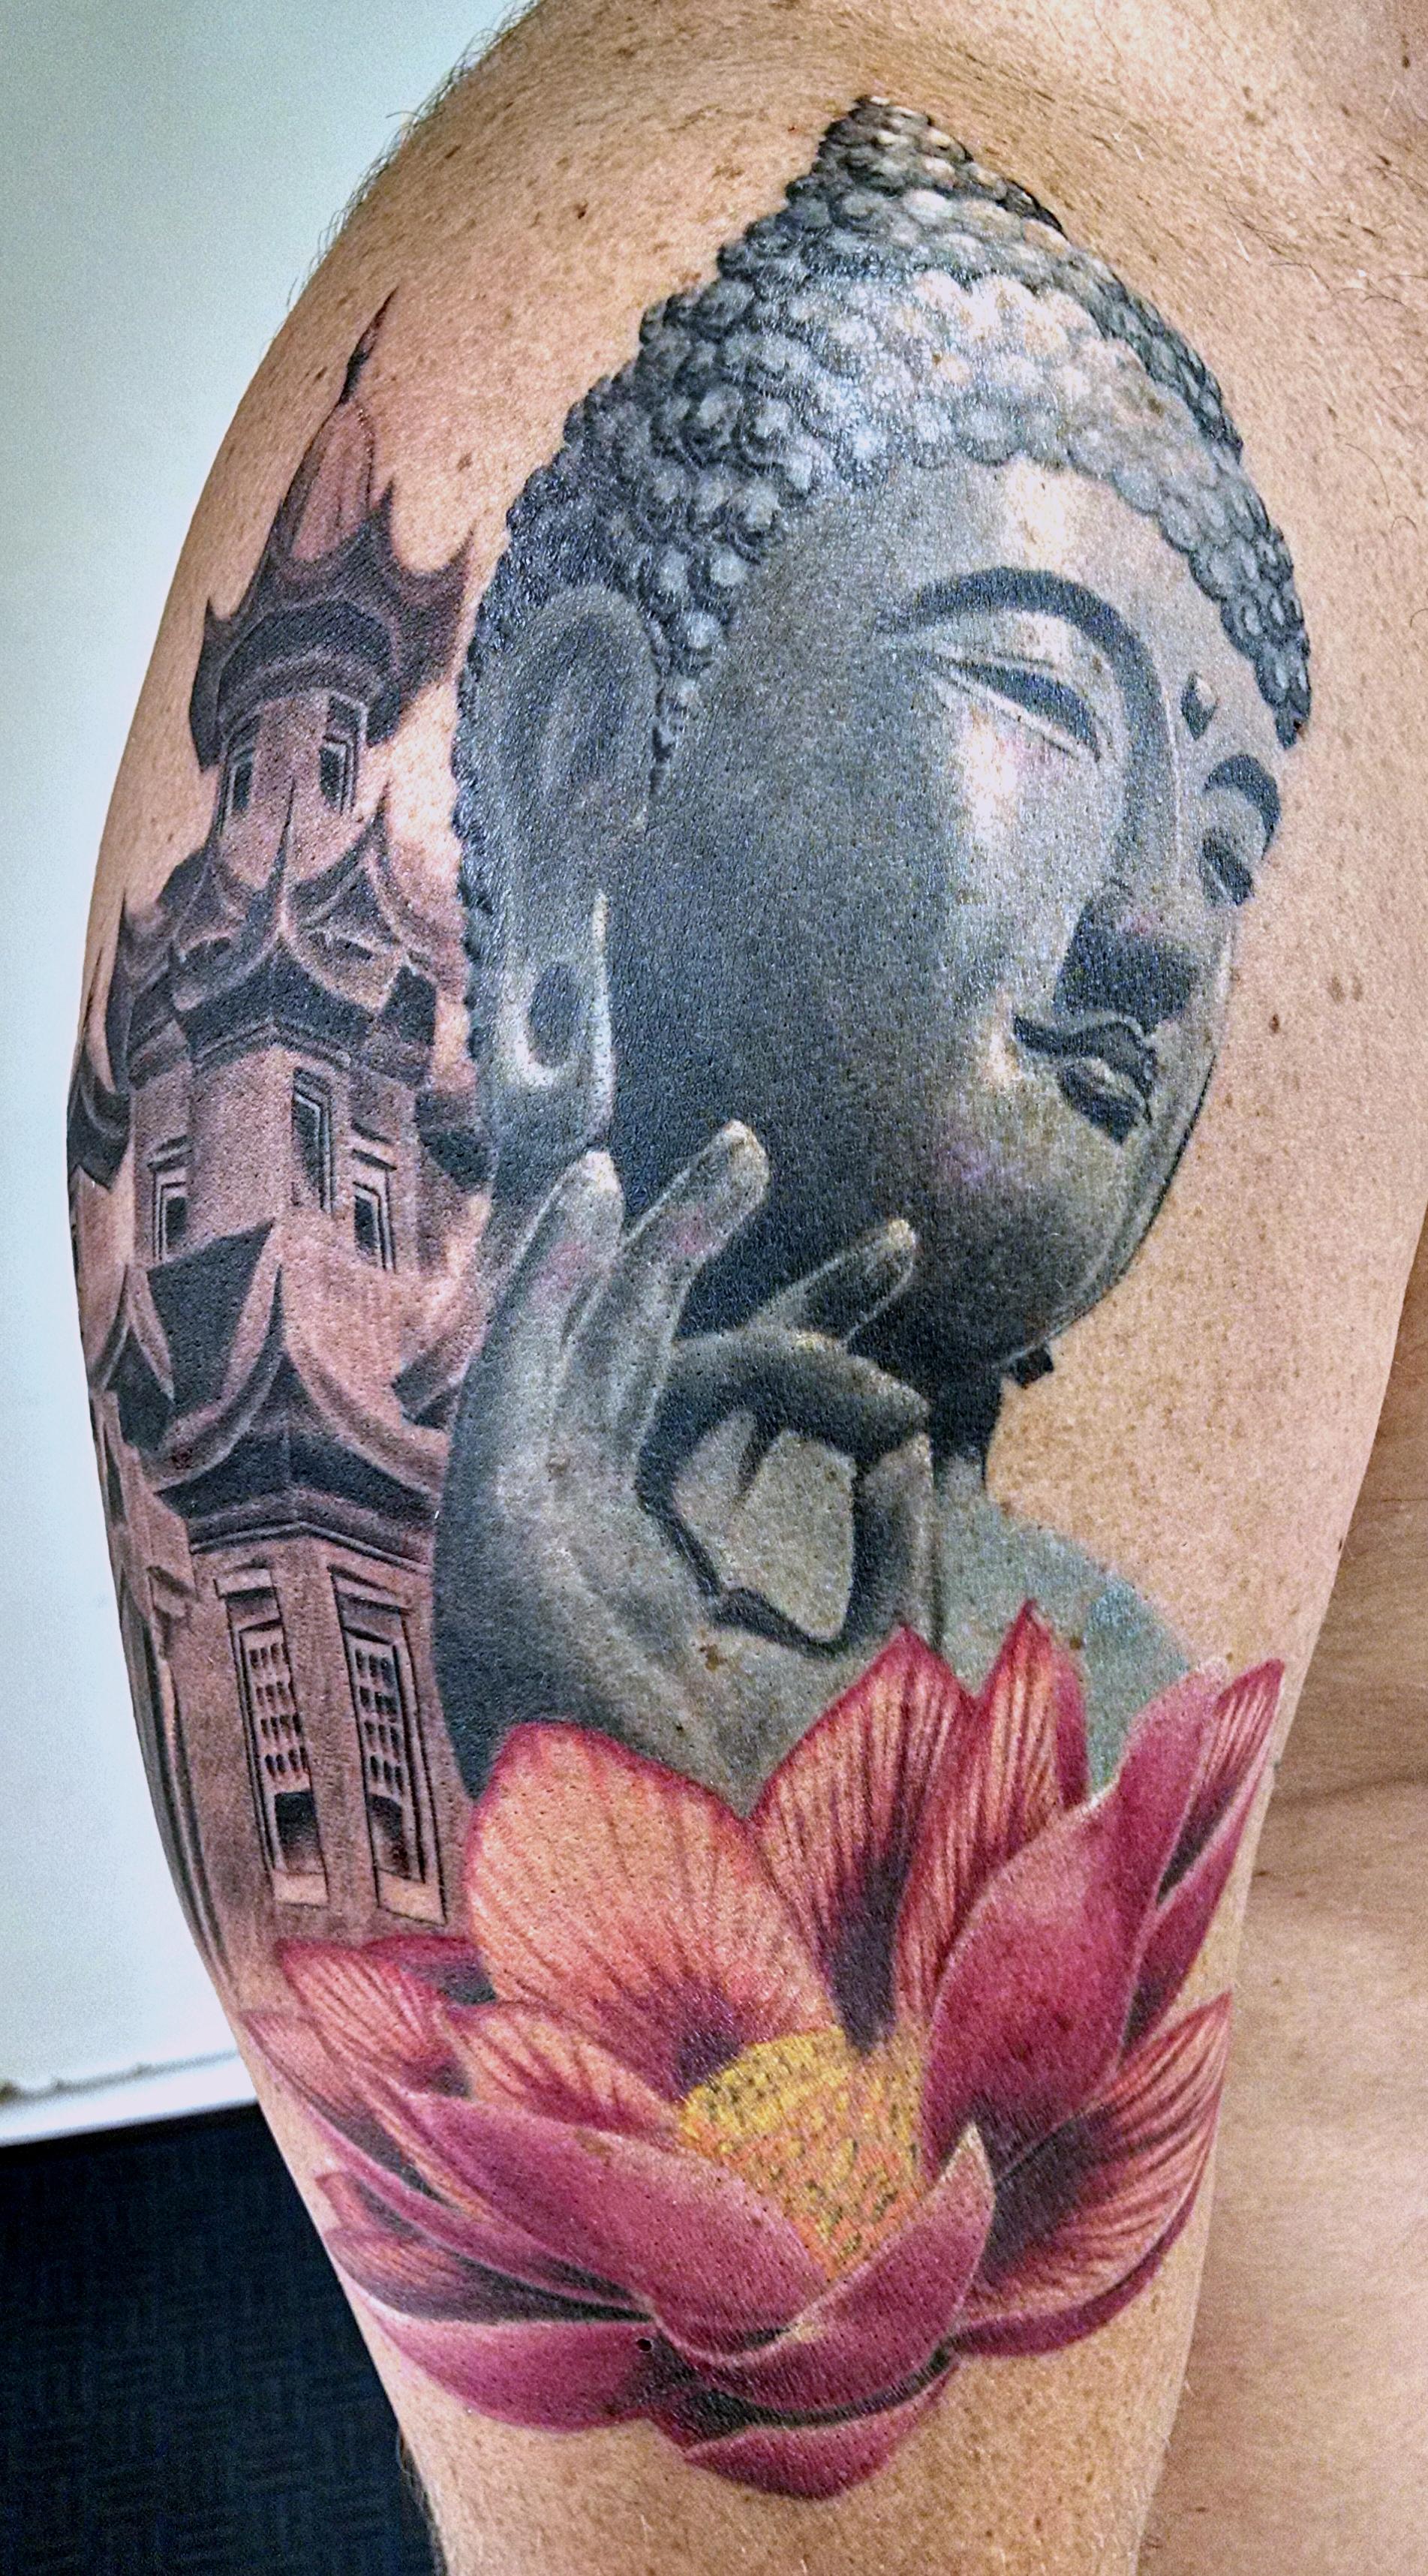 Buda_castelo_2_tattoo_mrpaul_dermographic_ribeirão_preto[1]